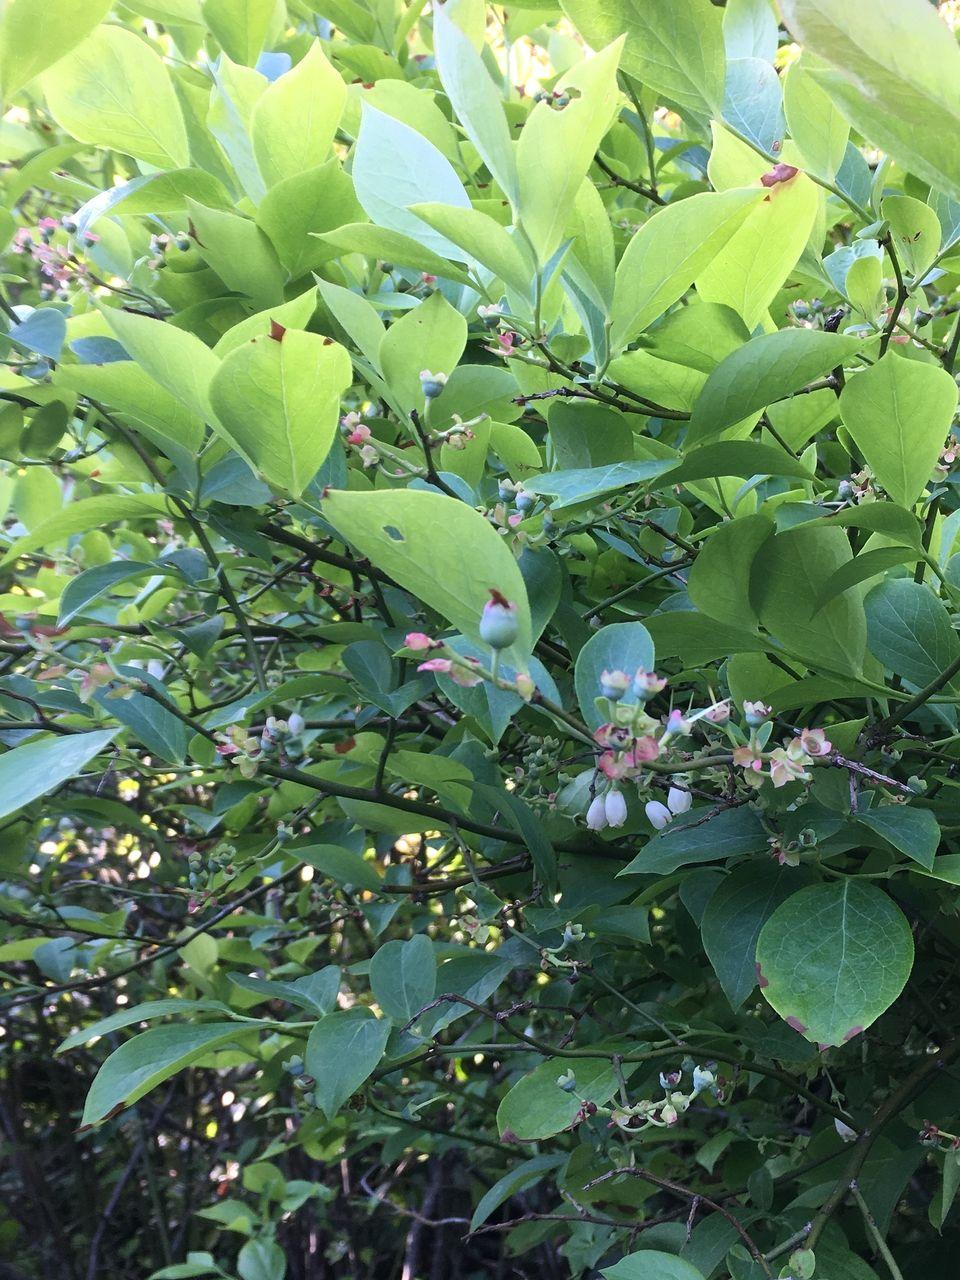 熊本県阿蘇郡南阿蘇村のブルーベリーの木の木の花が実になりました。この前まできれいな花を咲かせていたブルーベリー。白い花が小さな実の蕾となり、やがて青い実となって目も舌も楽しませてくれることで…